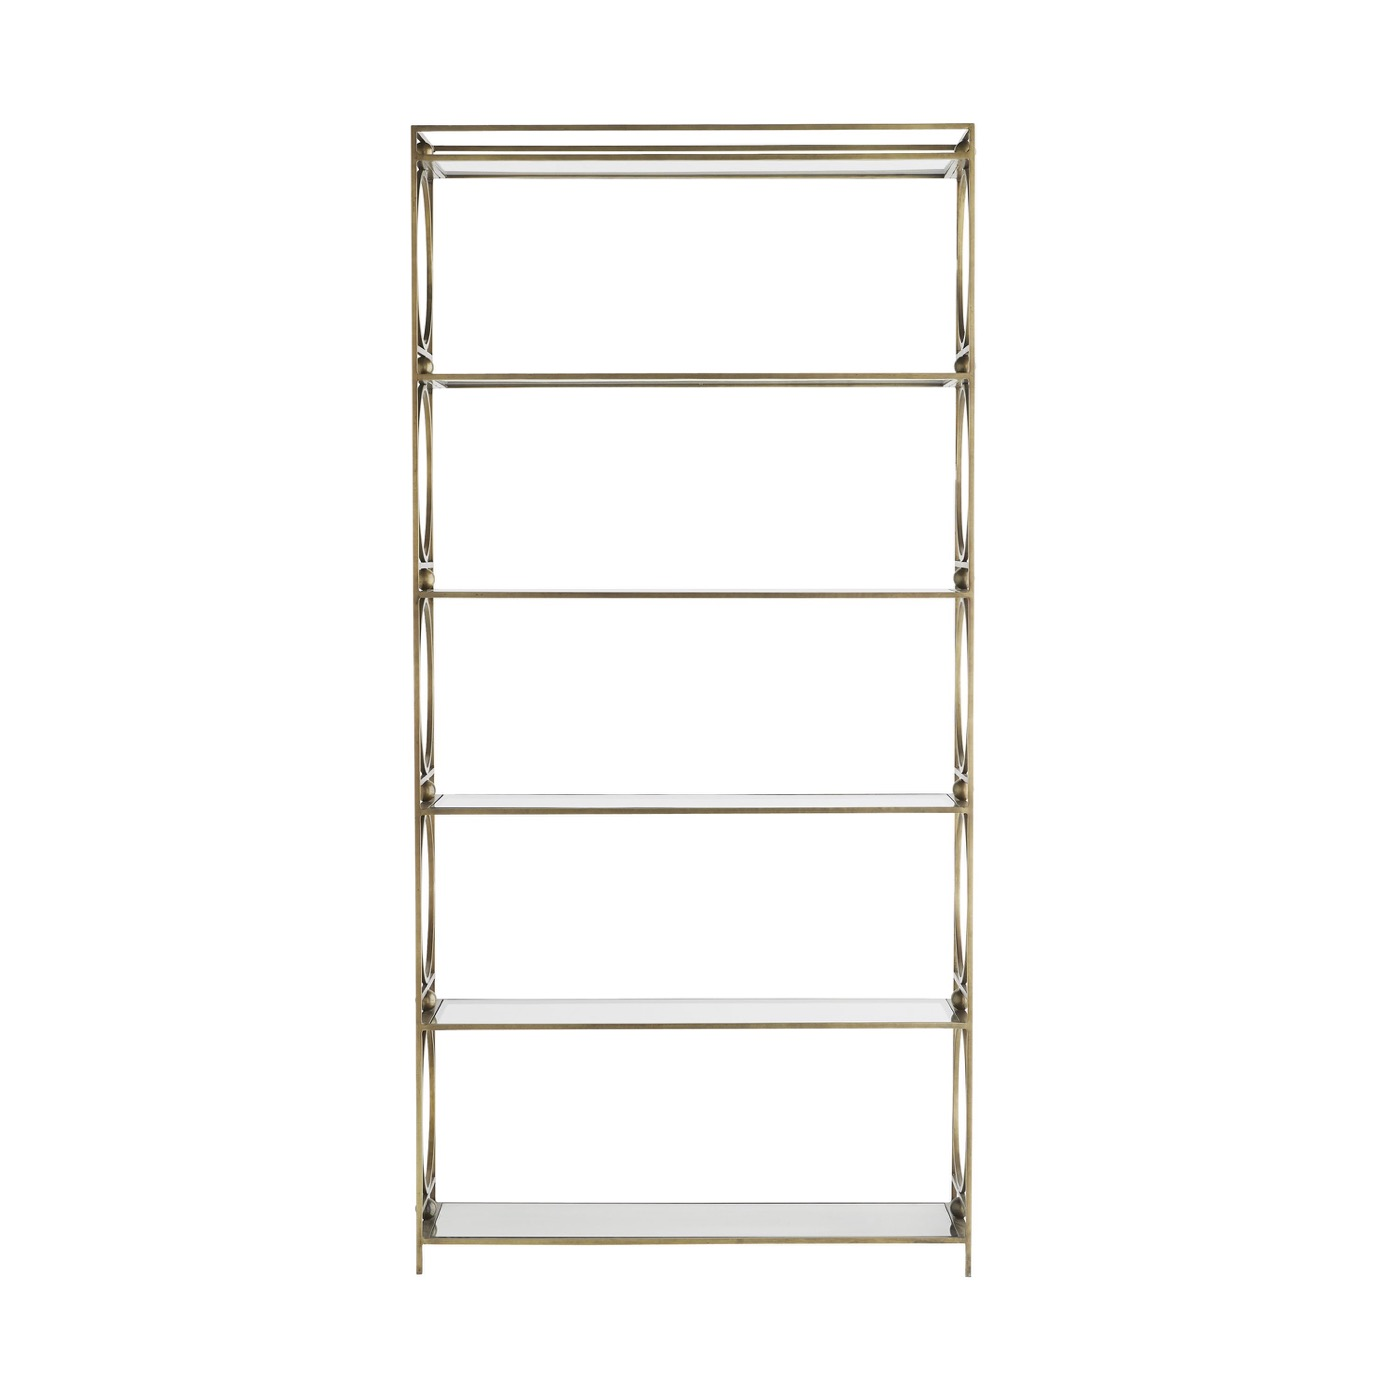 Marnie Tall Bookshelf